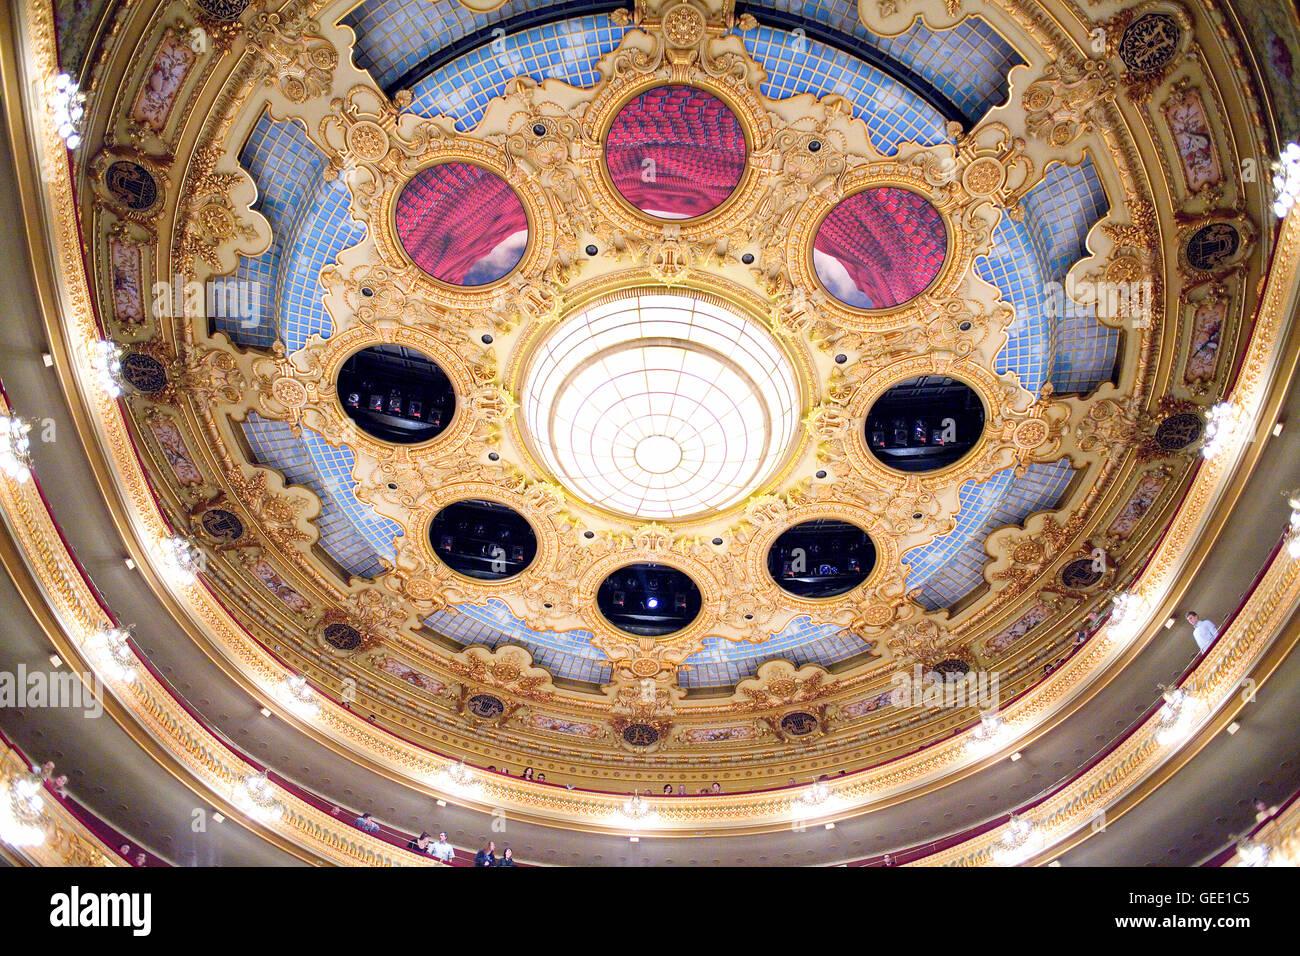 Ceiling of Gran Teatre del Liceu, opera house, La Rambla, Ciutat Vella, Barcelona, Spain - Stock Image